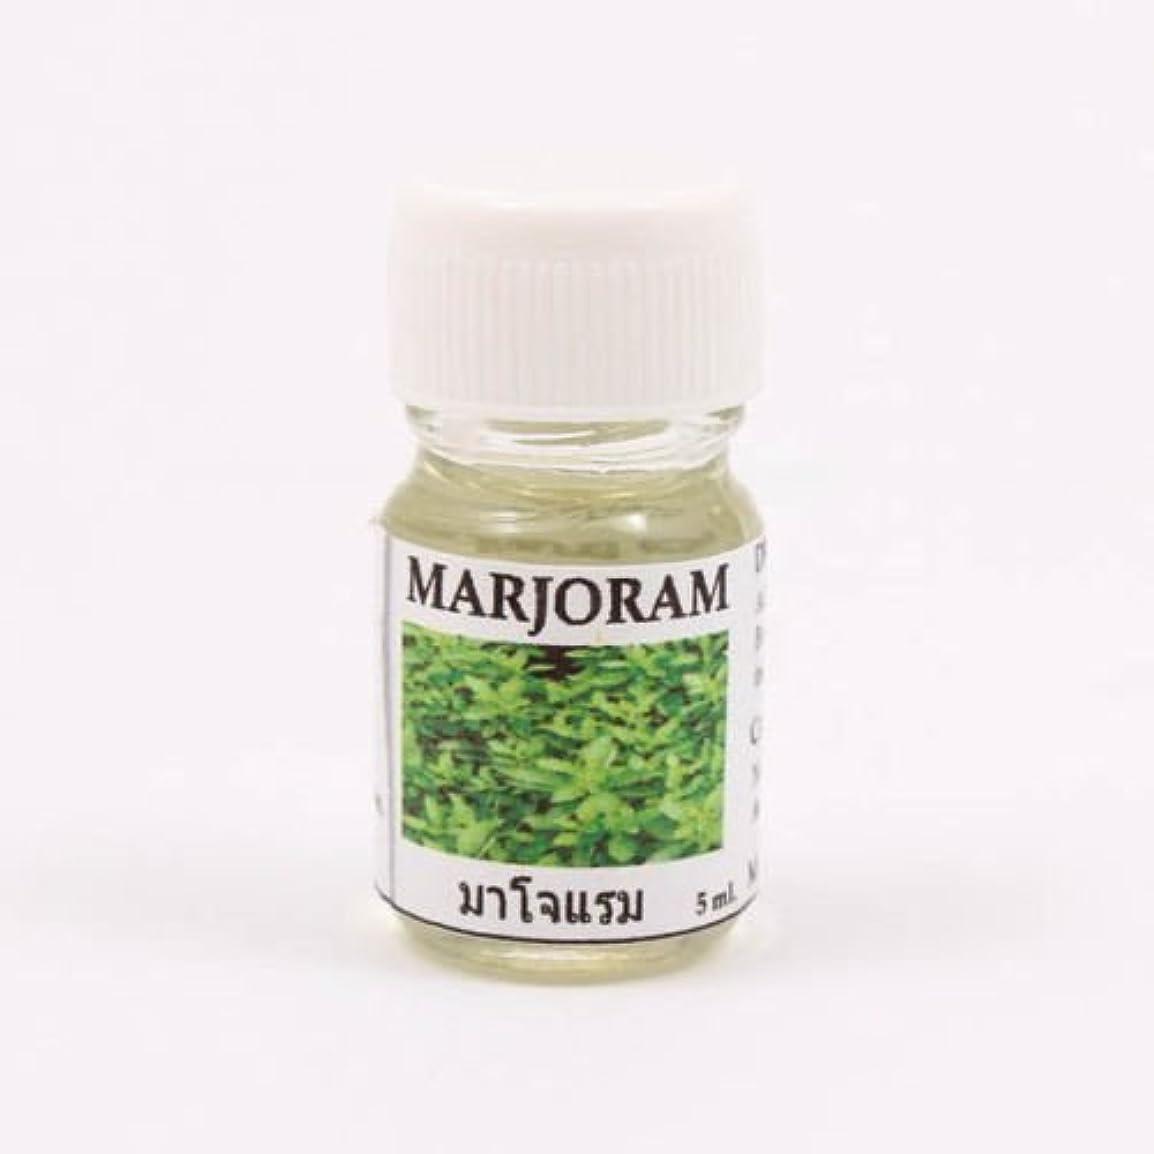 のため摂動一晩6X Marjoram Aroma Fragrance Essential Oil 5ML (cc) Diffuser Burner Therapy